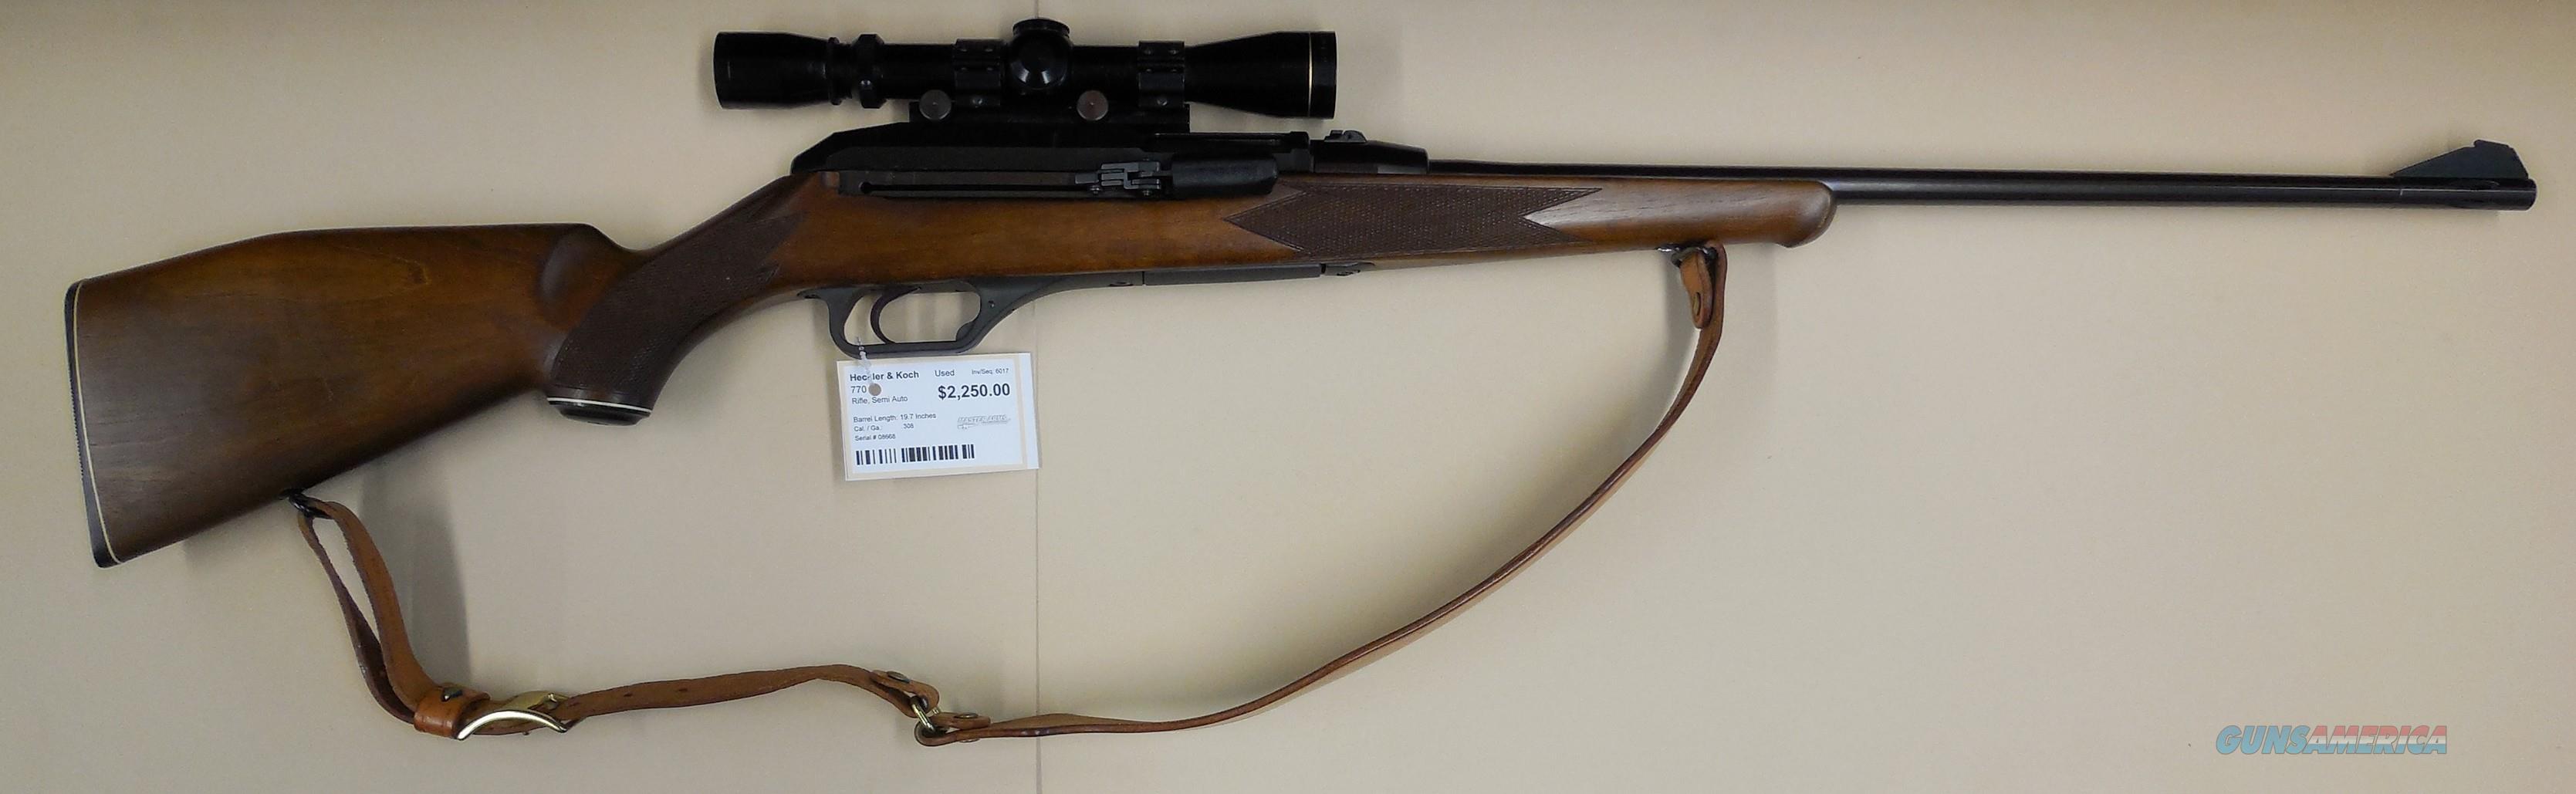 HECKLER & KOCH MODEL 770  Guns > Rifles > Heckler & Koch Rifles > Sporting/Hunting